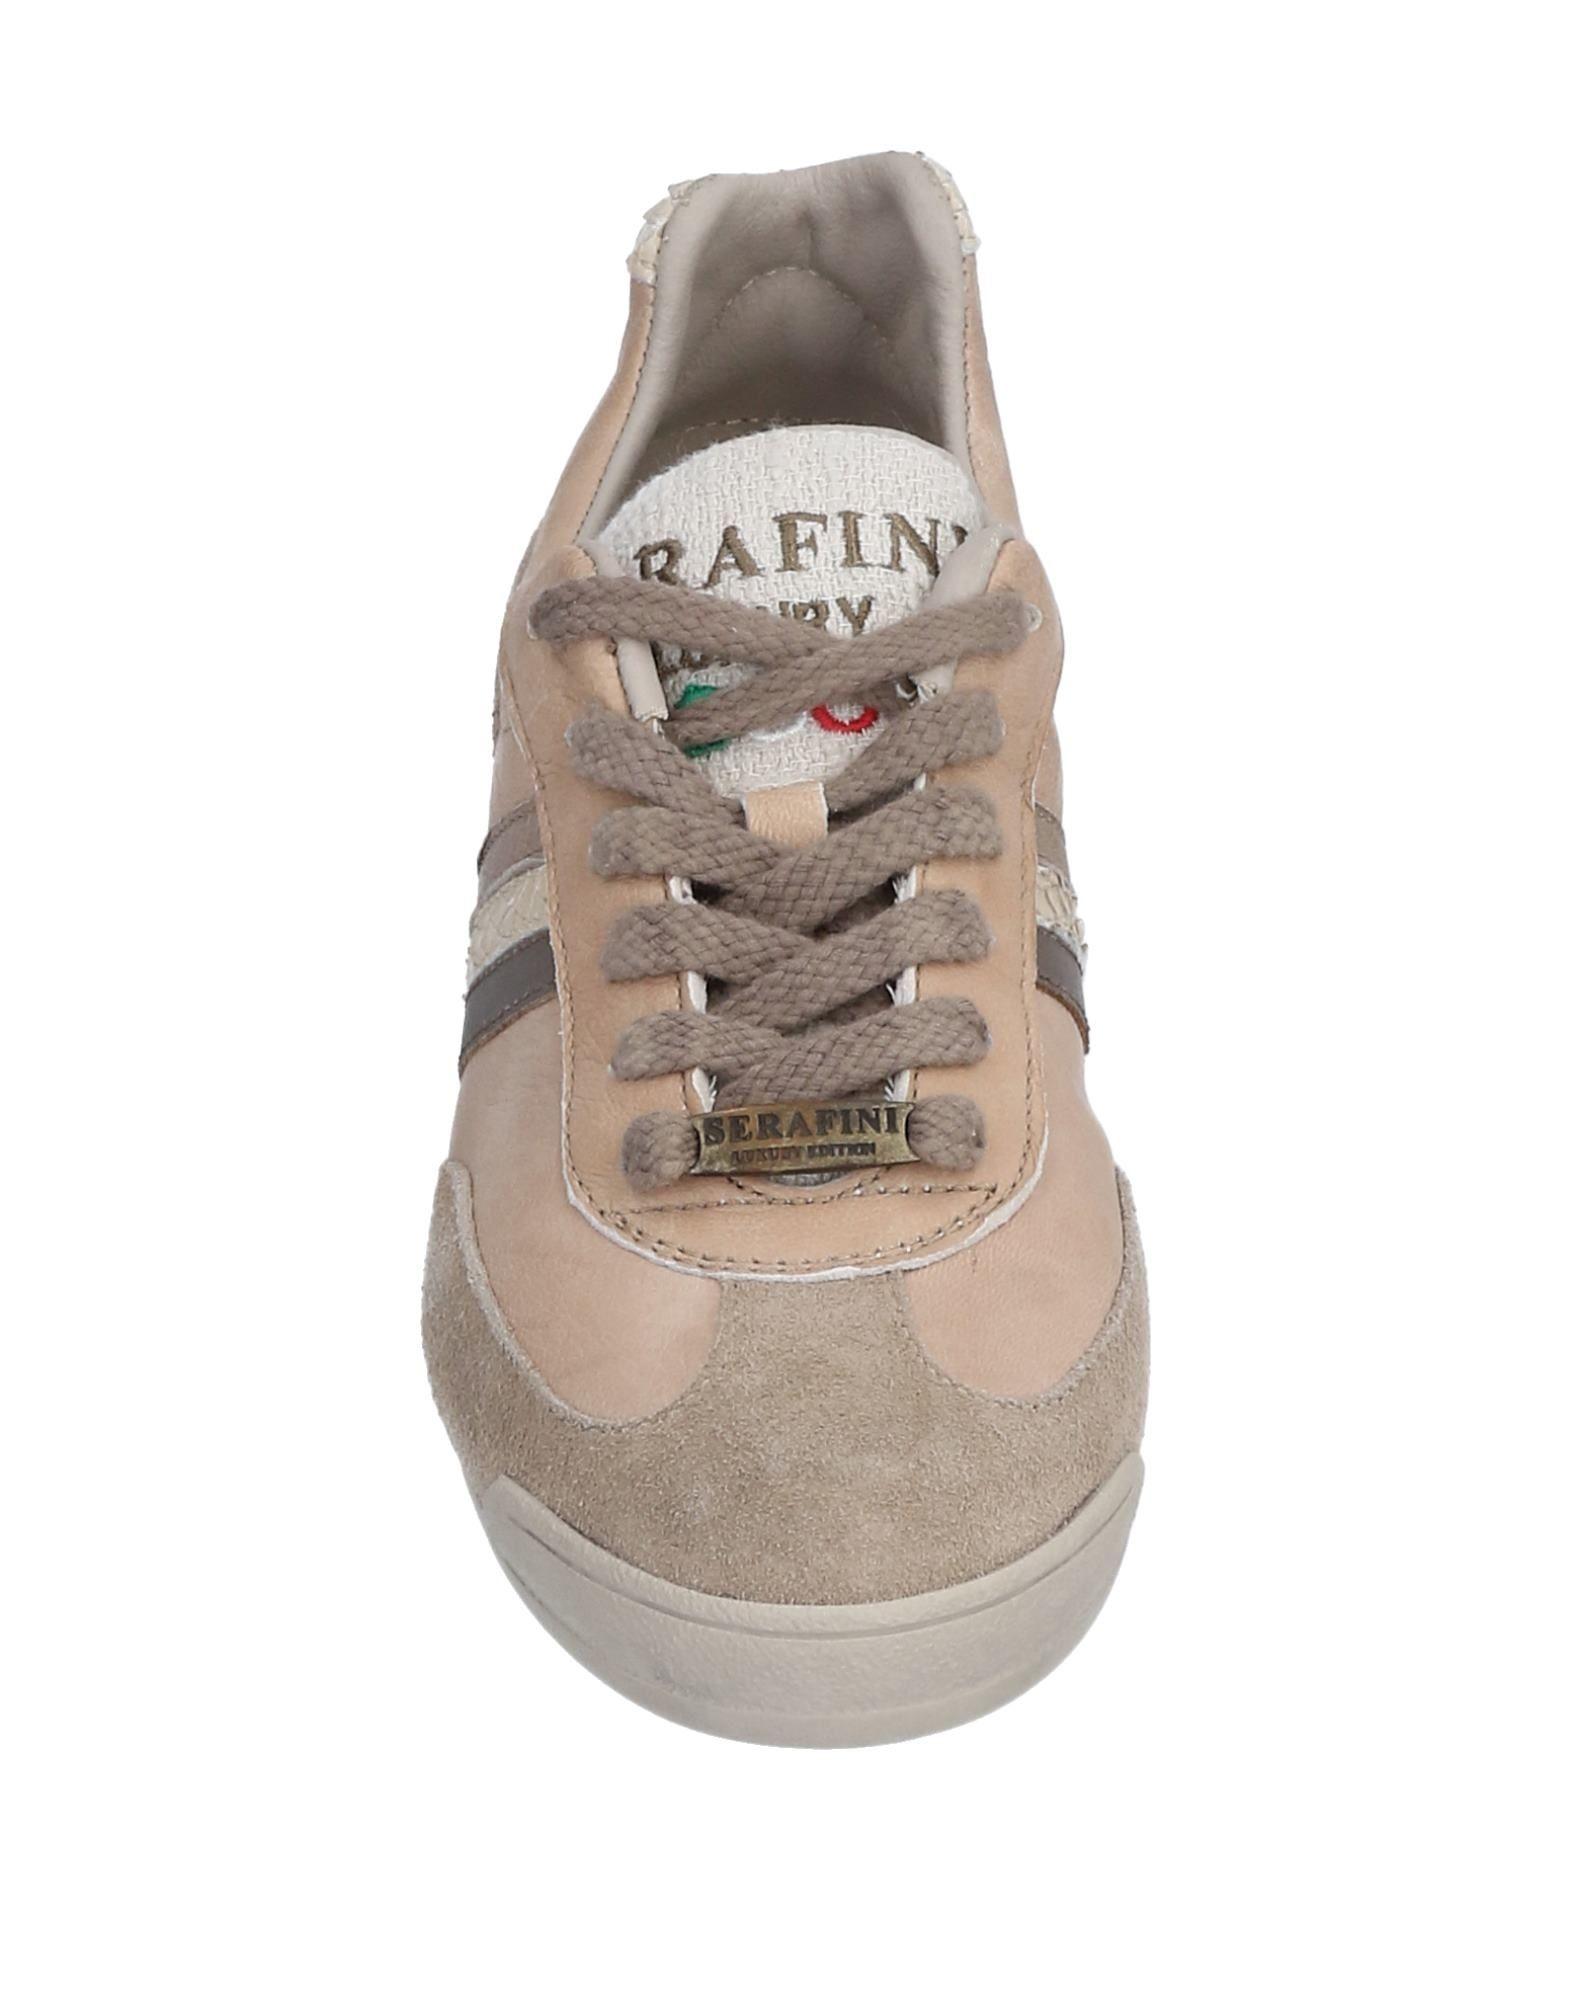 Serafini Sneakers Luxury Sneakers Serafini Damen Gutes Preis-Leistungs-Verhältnis, es lohnt sich 433ae4